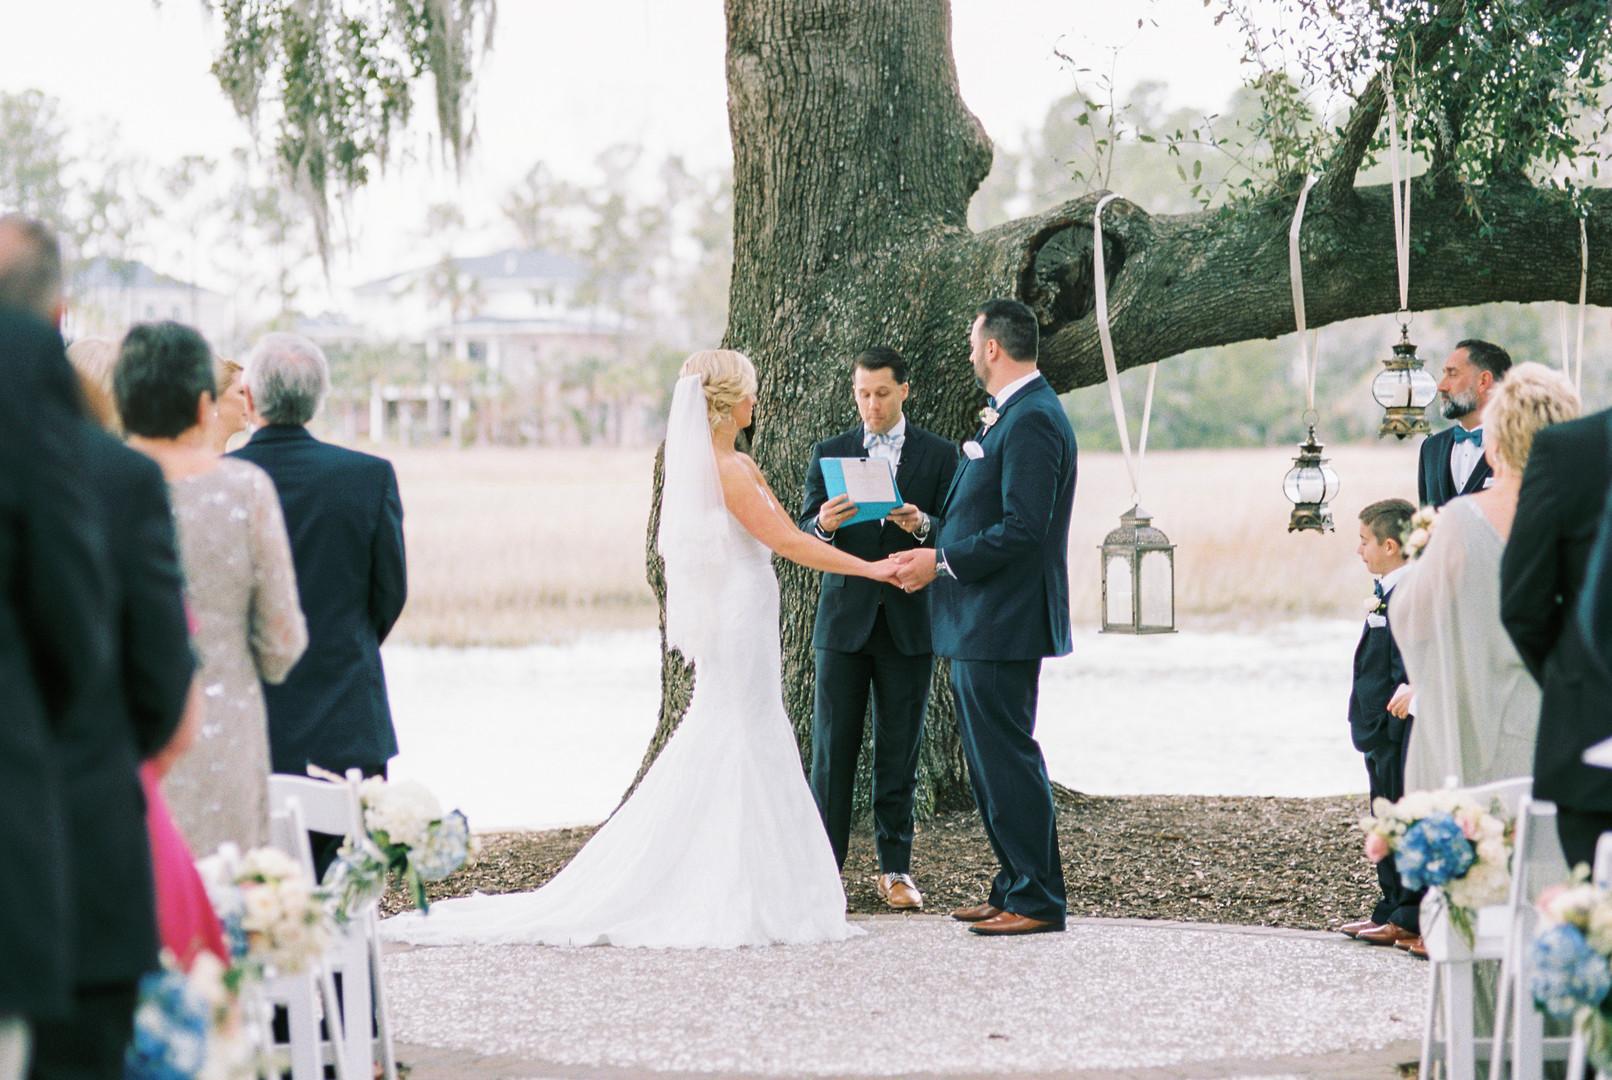 dunes-west-golf-club-wedding-17(3).jpg